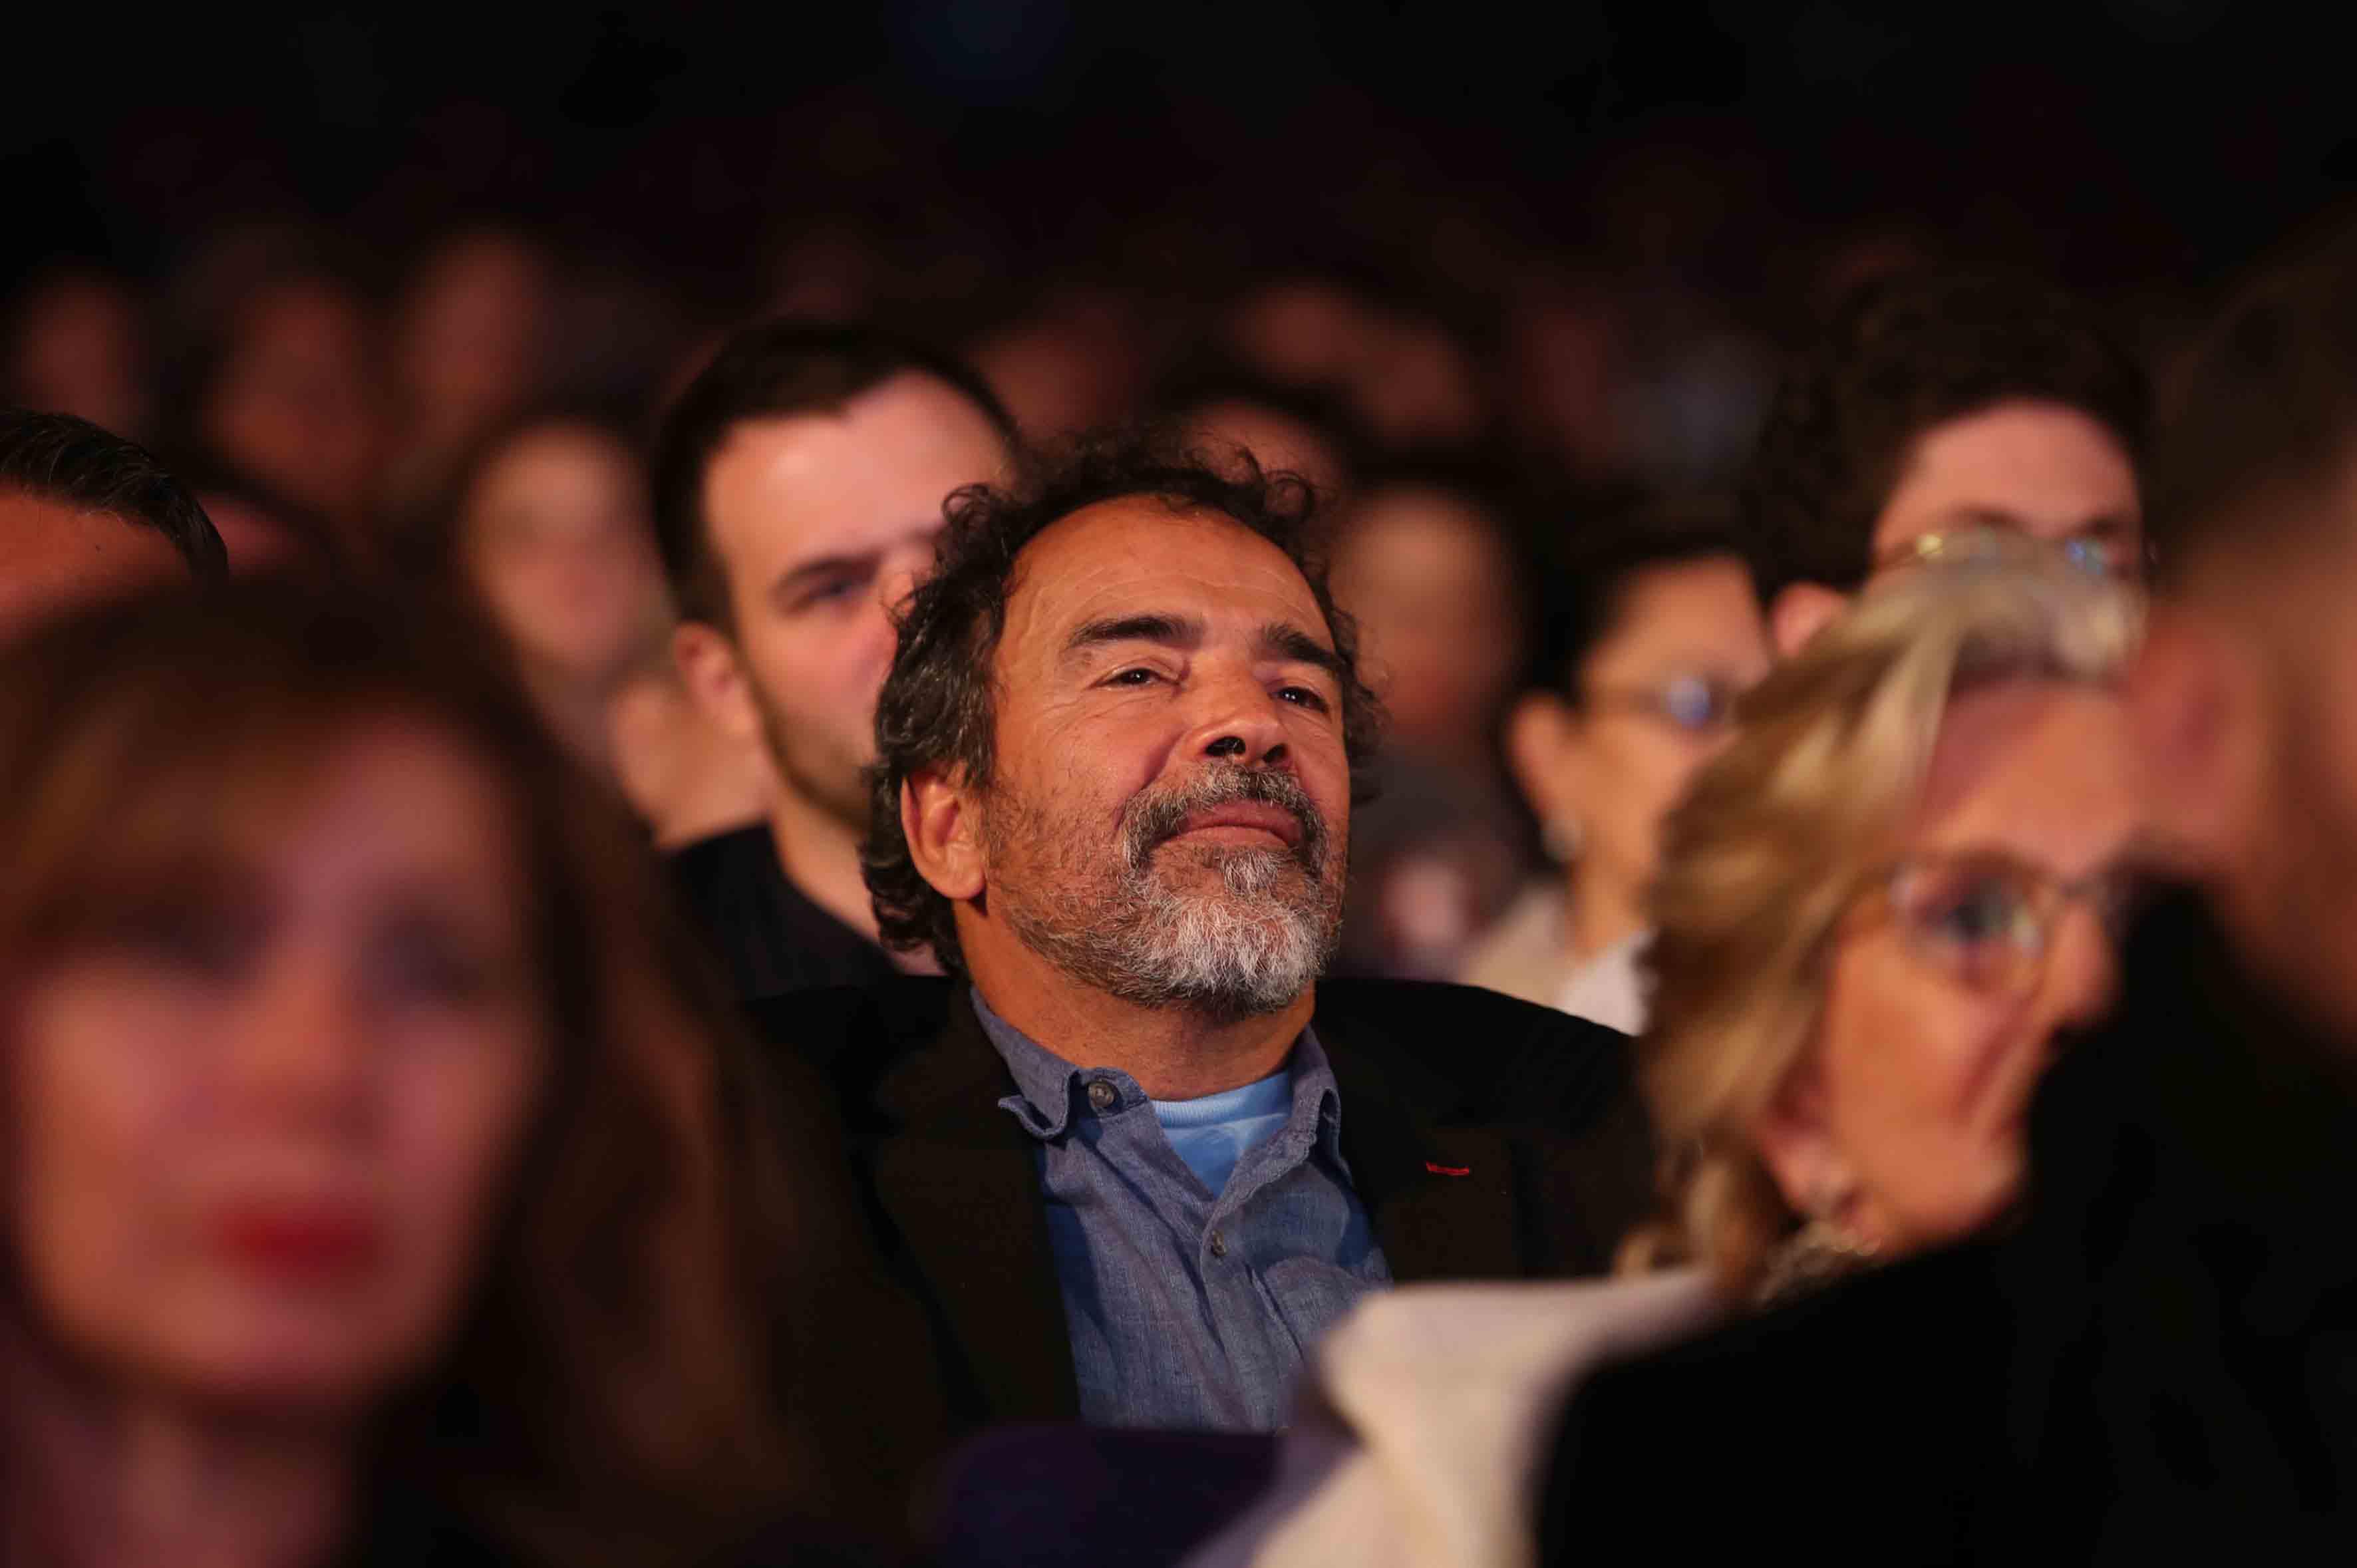 Damián Alcázar, actor mexicano, asistente a la inauguración del Festival Internacional del Cine en Guadalajara, en las instalaciones del Auditorio Telmex.